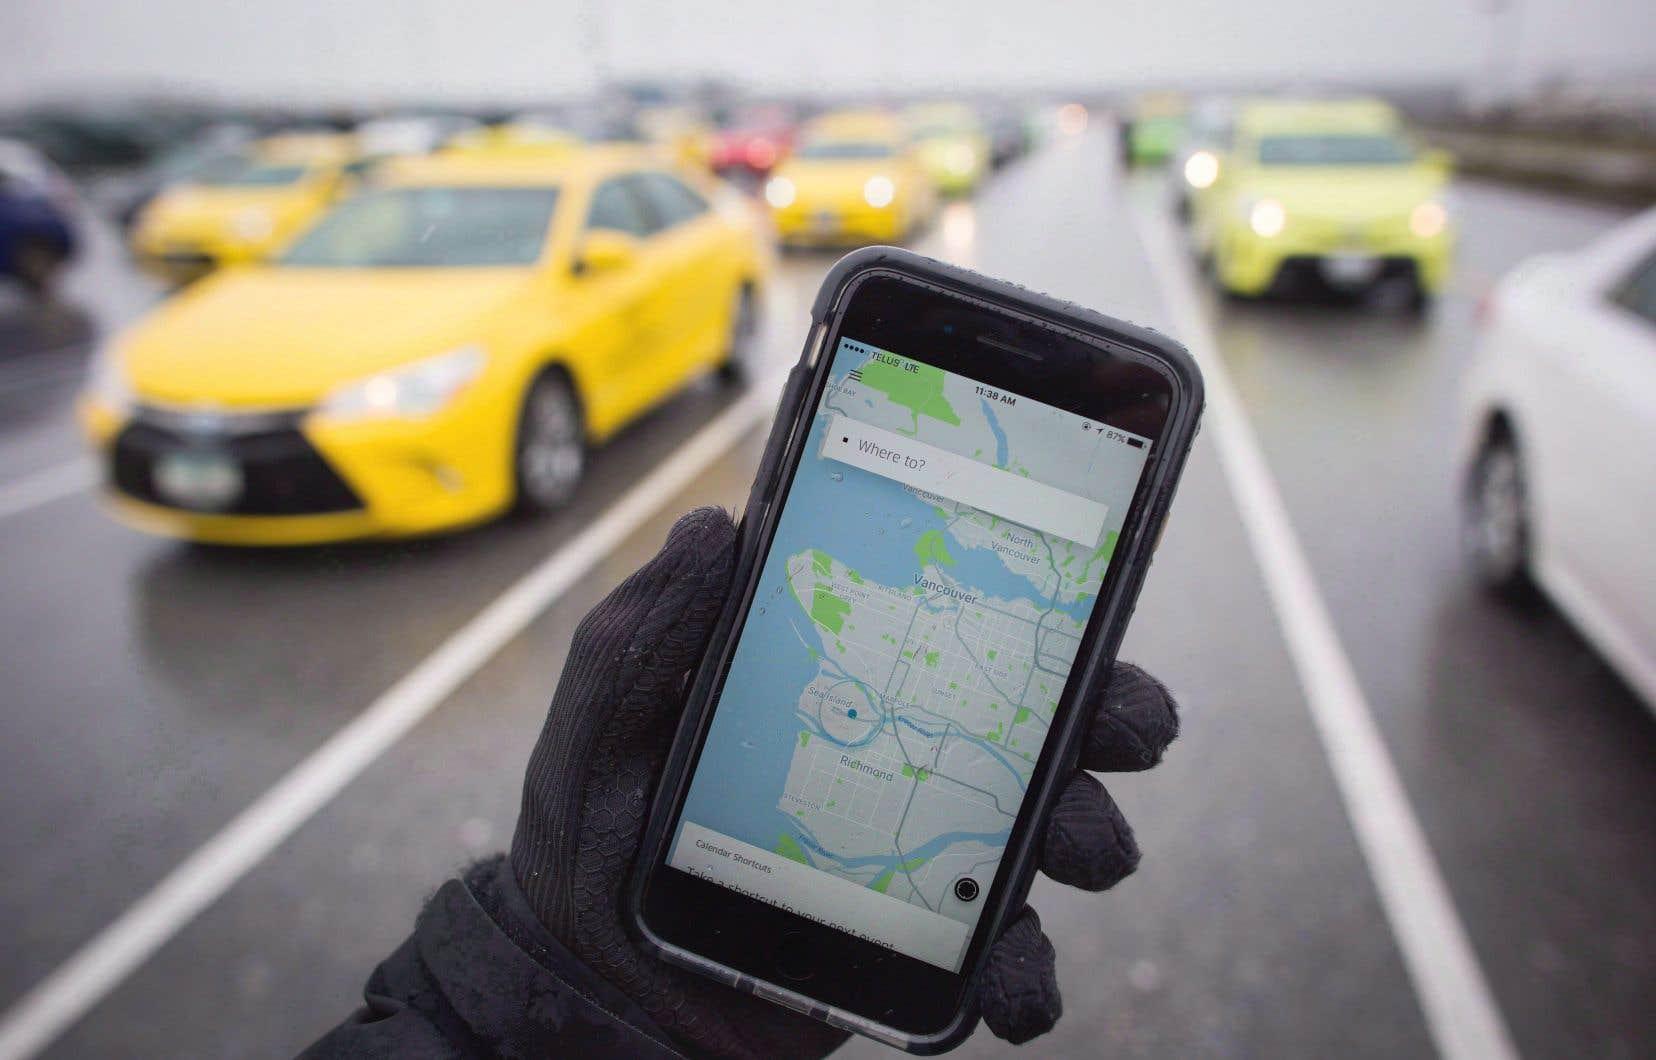 Dans la ville de Vancouver, où la réglementation empêche l'entreprise Uber d'offrir ses services, les compagnies d'autopartage et de covoiturage ont connu un grand essor ces dernières années.